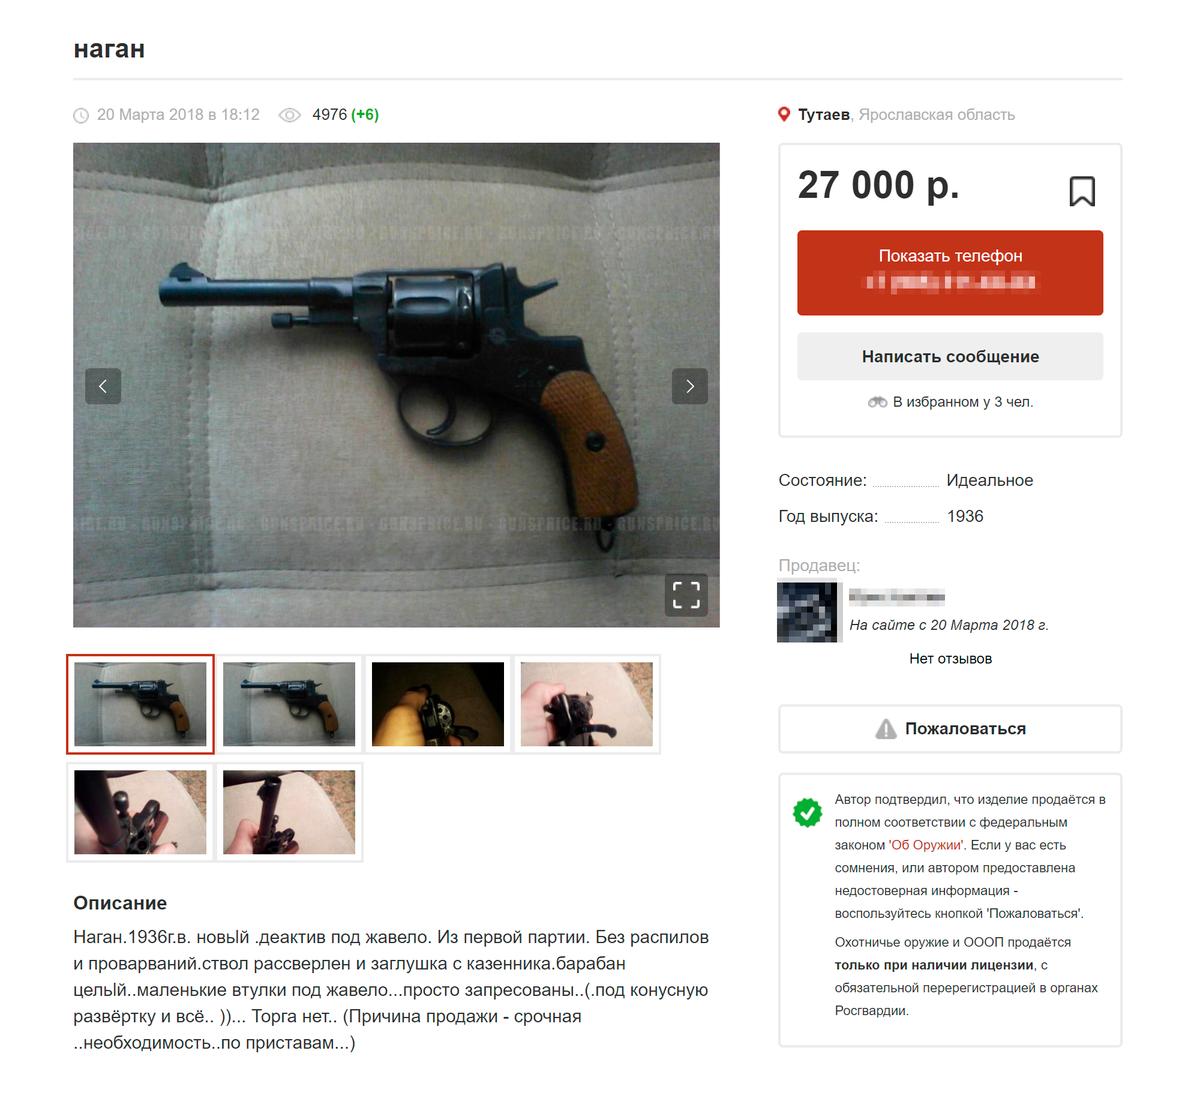 Сигнальный револьвер системы Нагана 1936&nbsp;года выпуска, переделанный под&nbsp;стрельбу охотничьими капсюлями. Цена — 27 000&nbsp;<span class=ruble>Р</span>